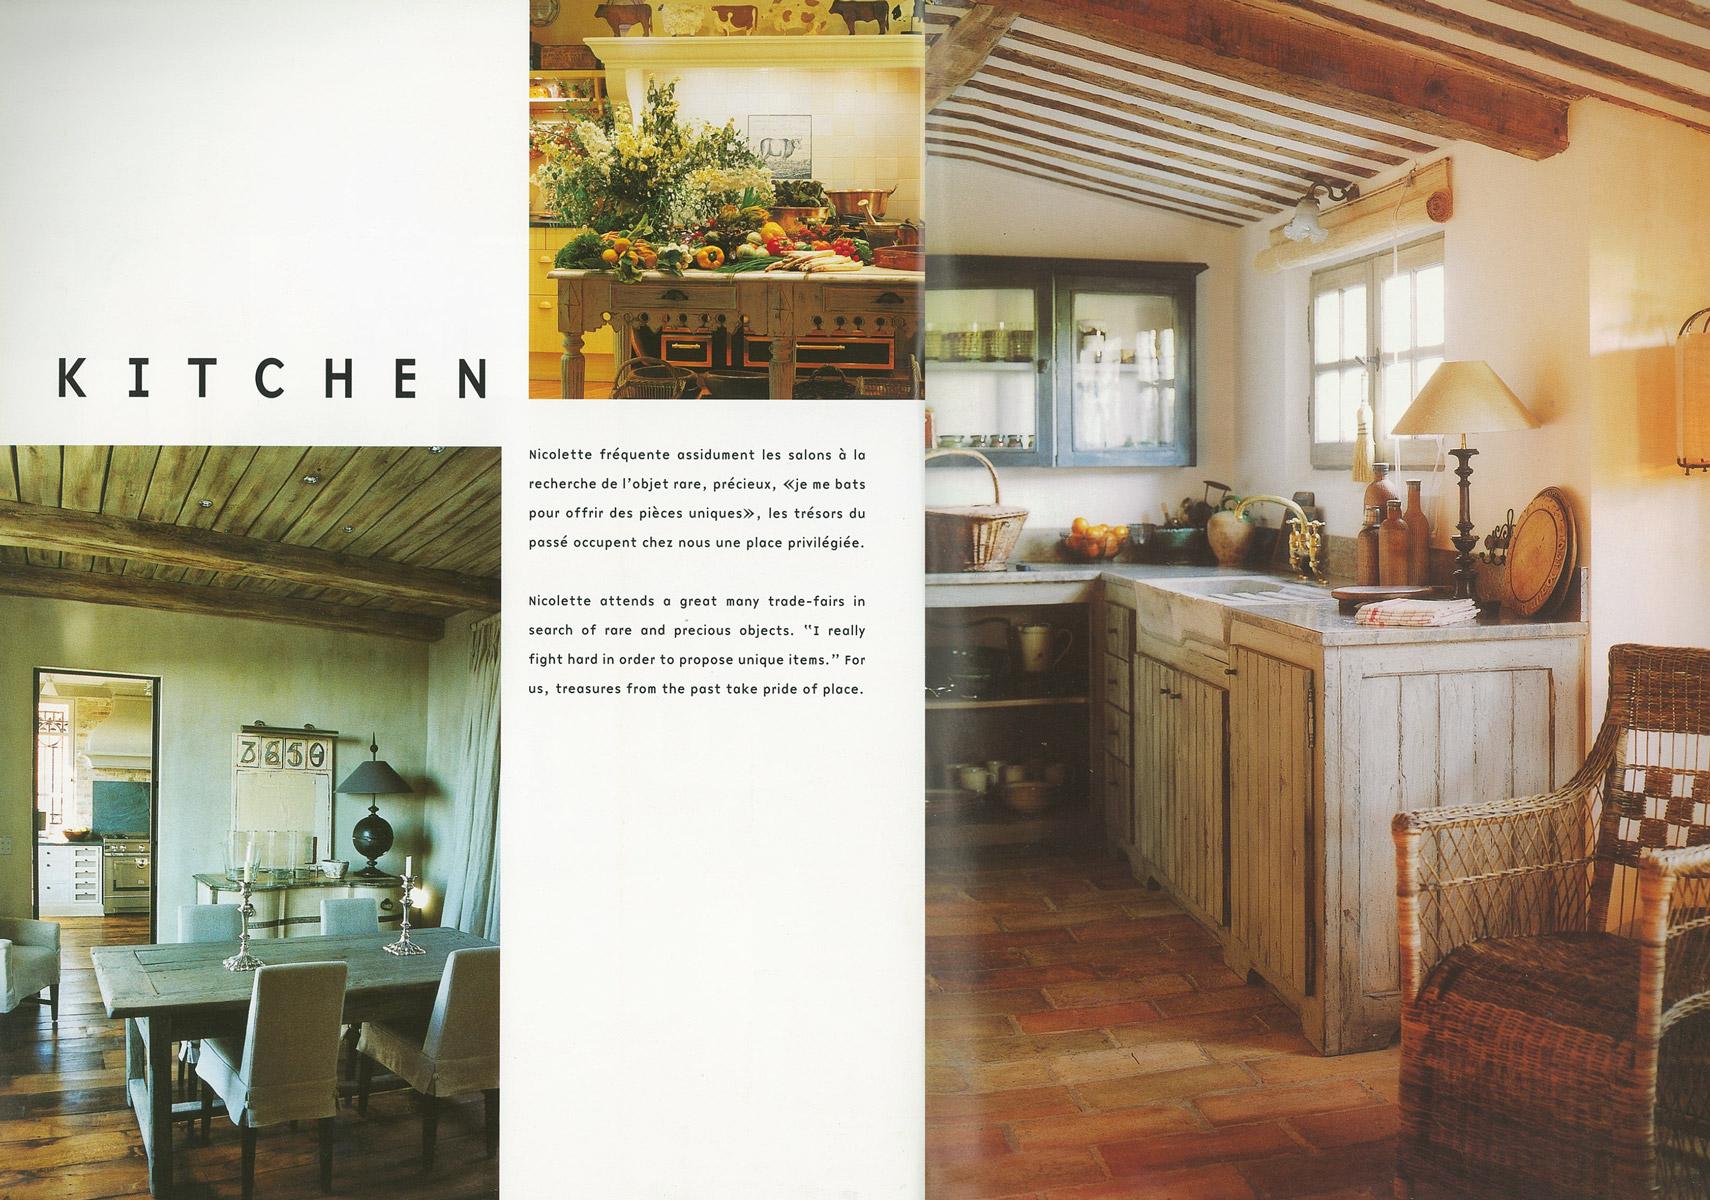 nicolette-schouten-cuisine-collection-privee